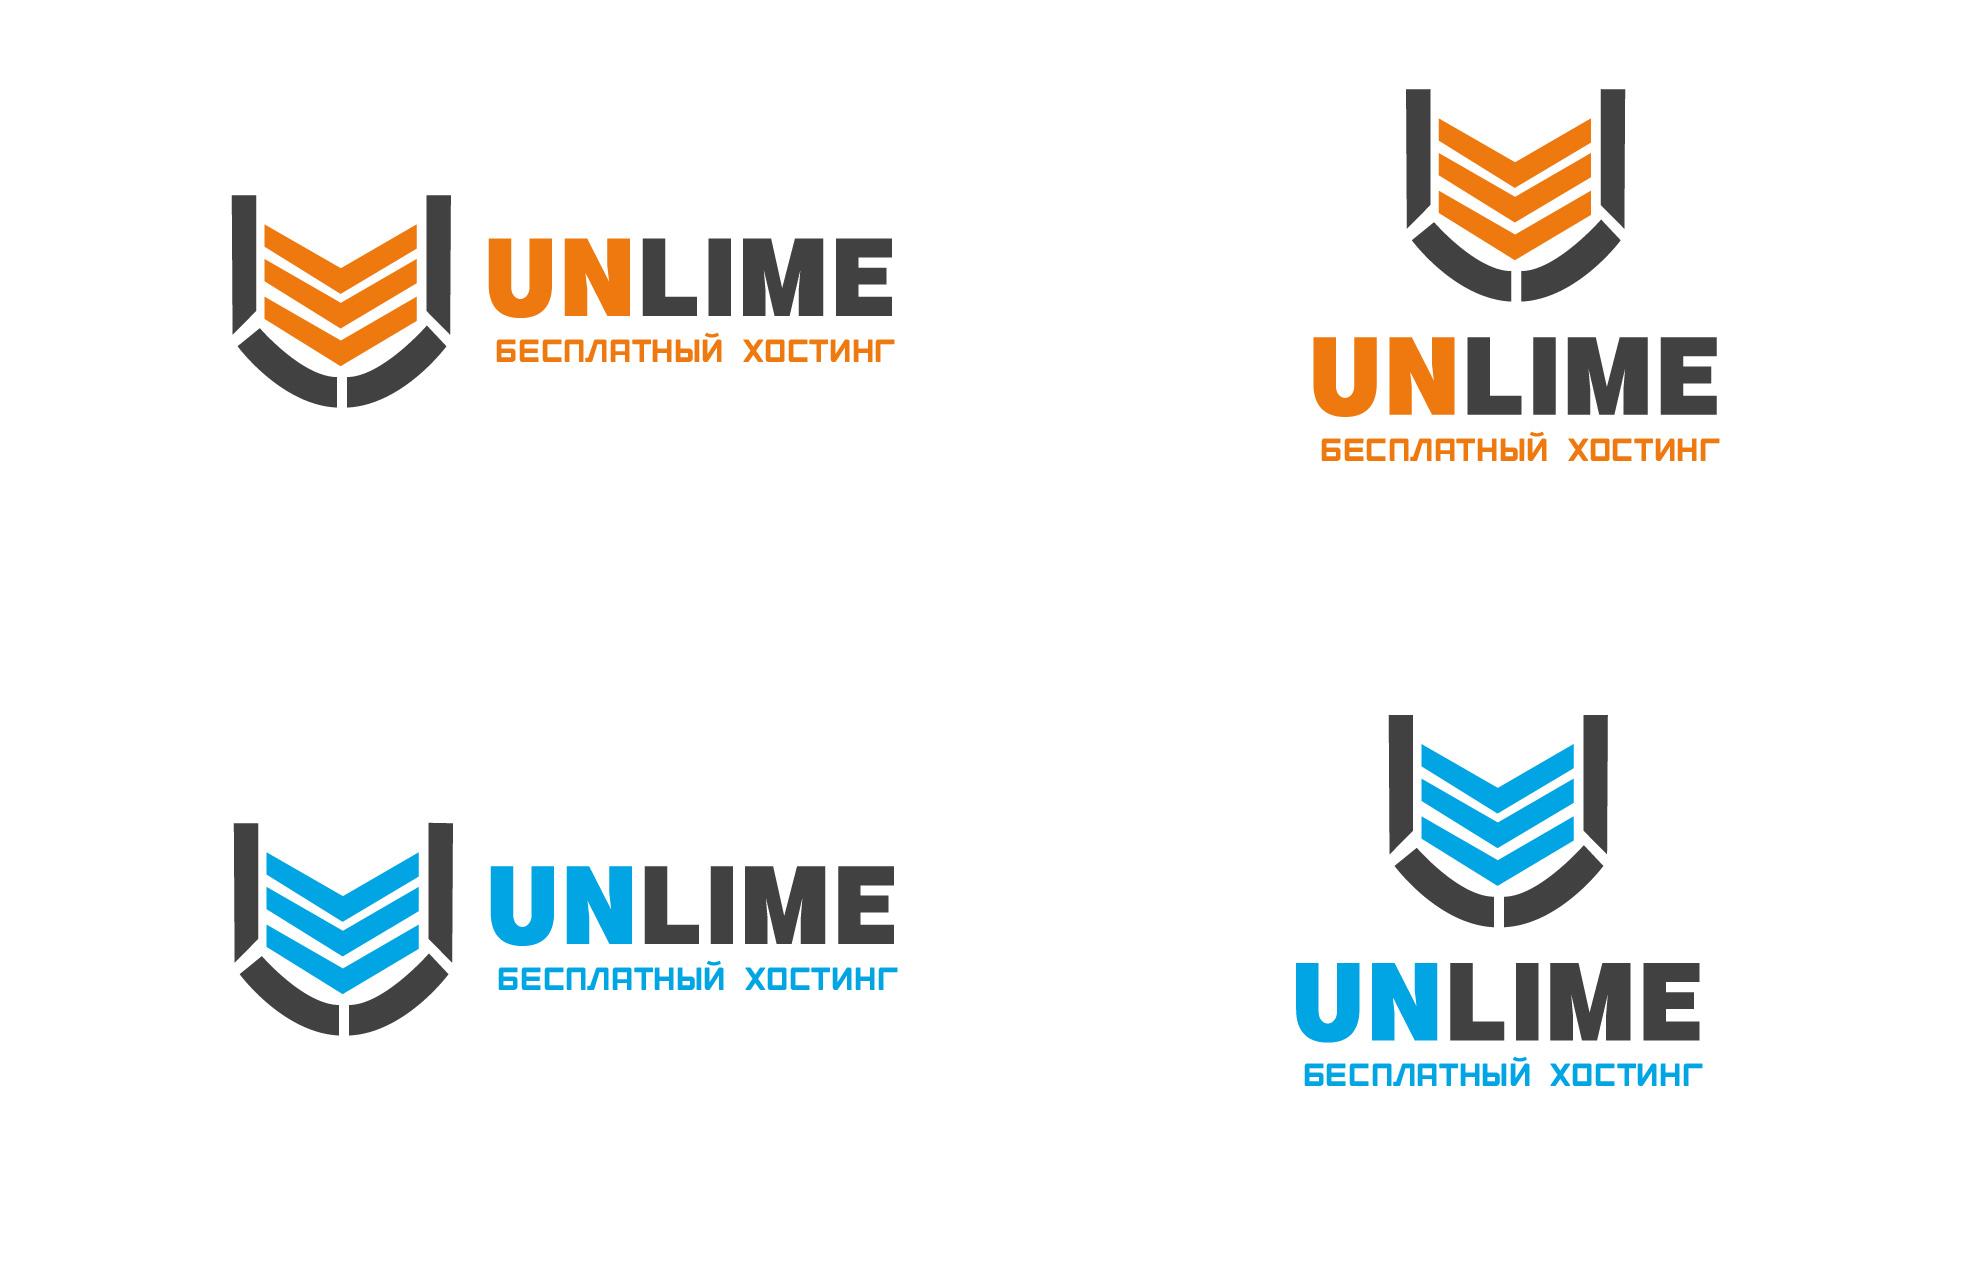 Разработка логотипа и фирменного стиля фото f_41859462a3693d2a.jpg